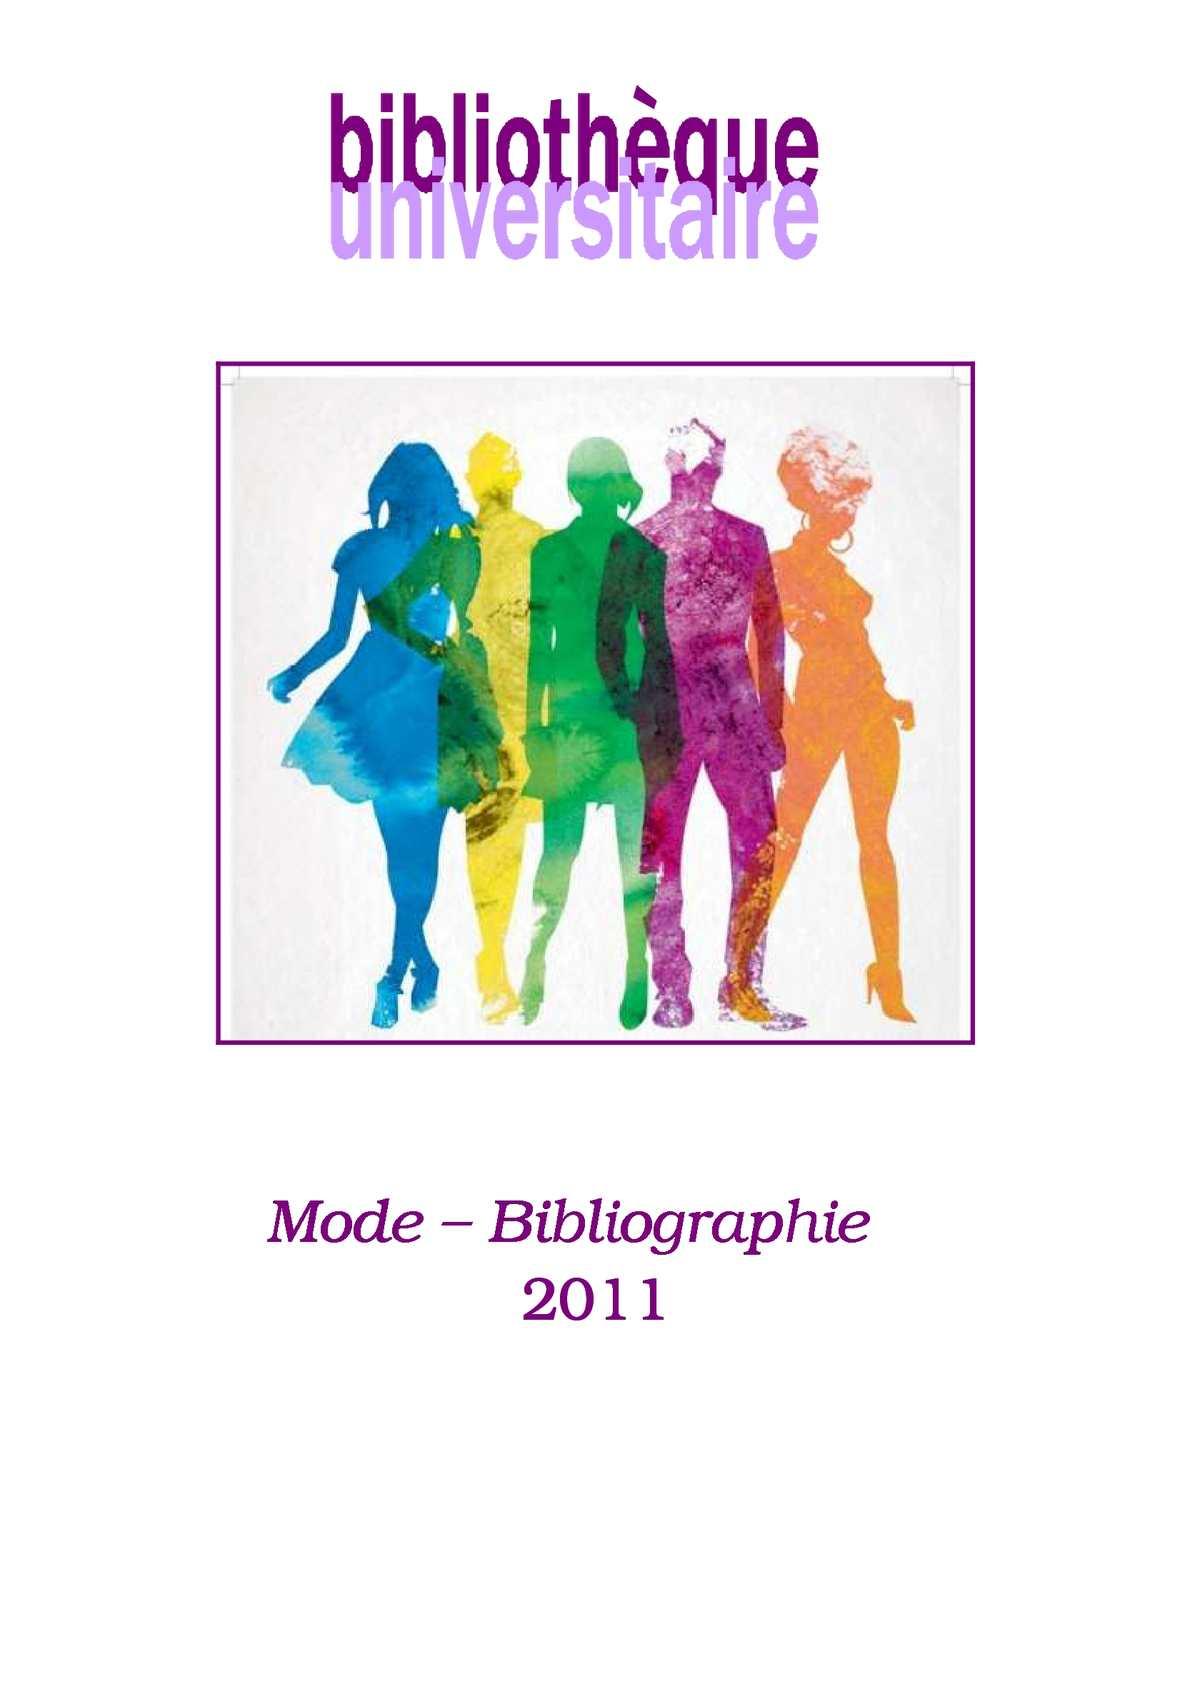 Calaméo - Bibliographie - Fonds mode BU - 2011 0e81b6568ab